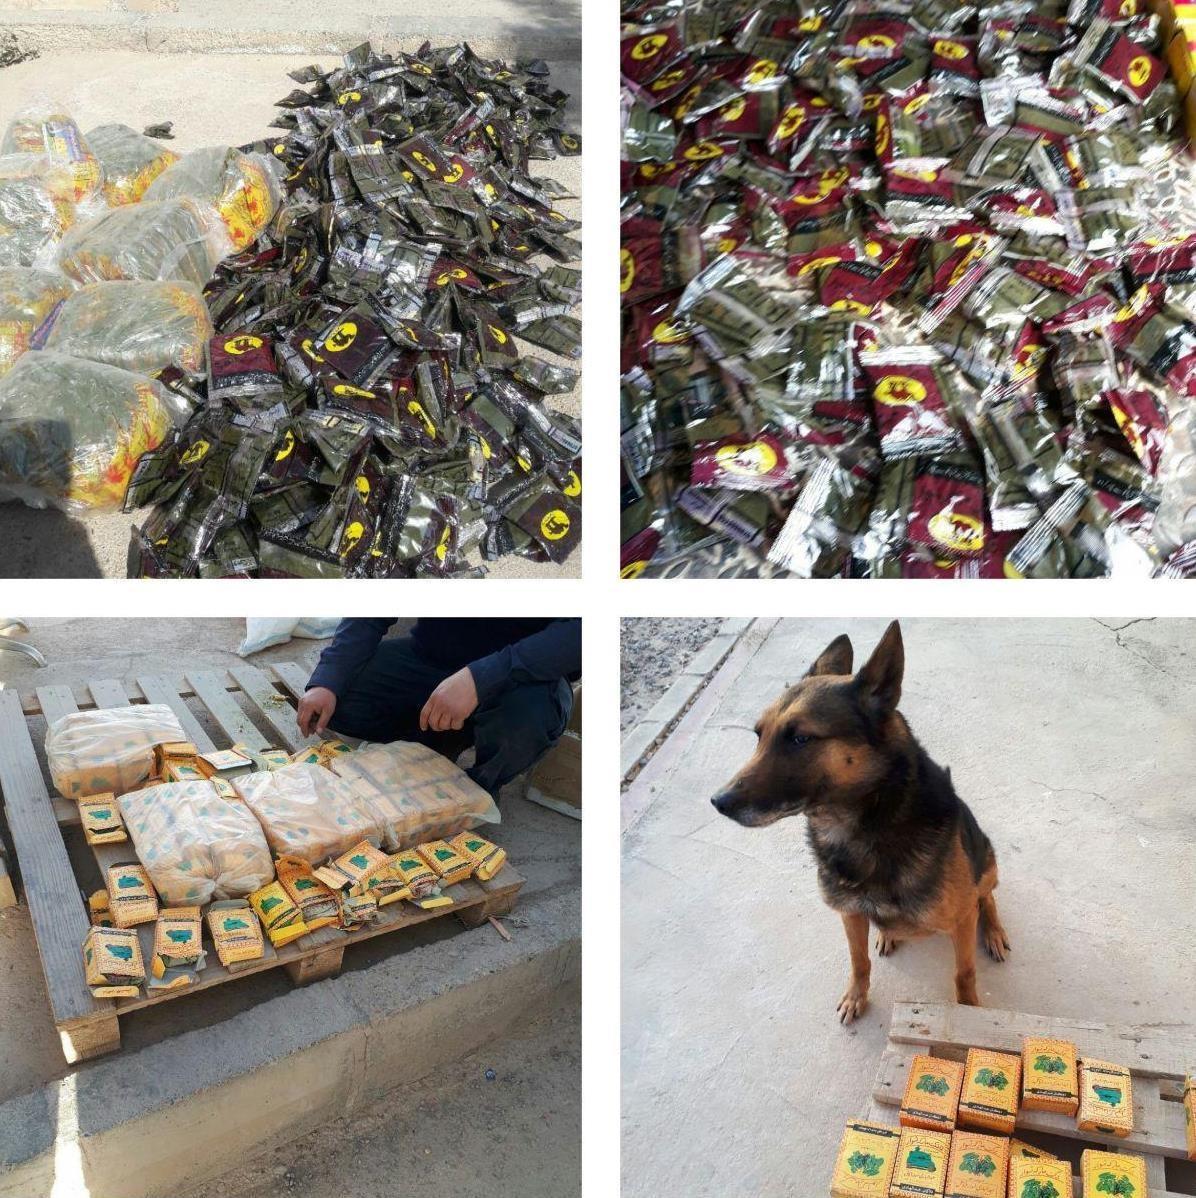 کشف 13 کیلوگرم مخدر خطرناک «پان» در مرز افغانستان (عکس)